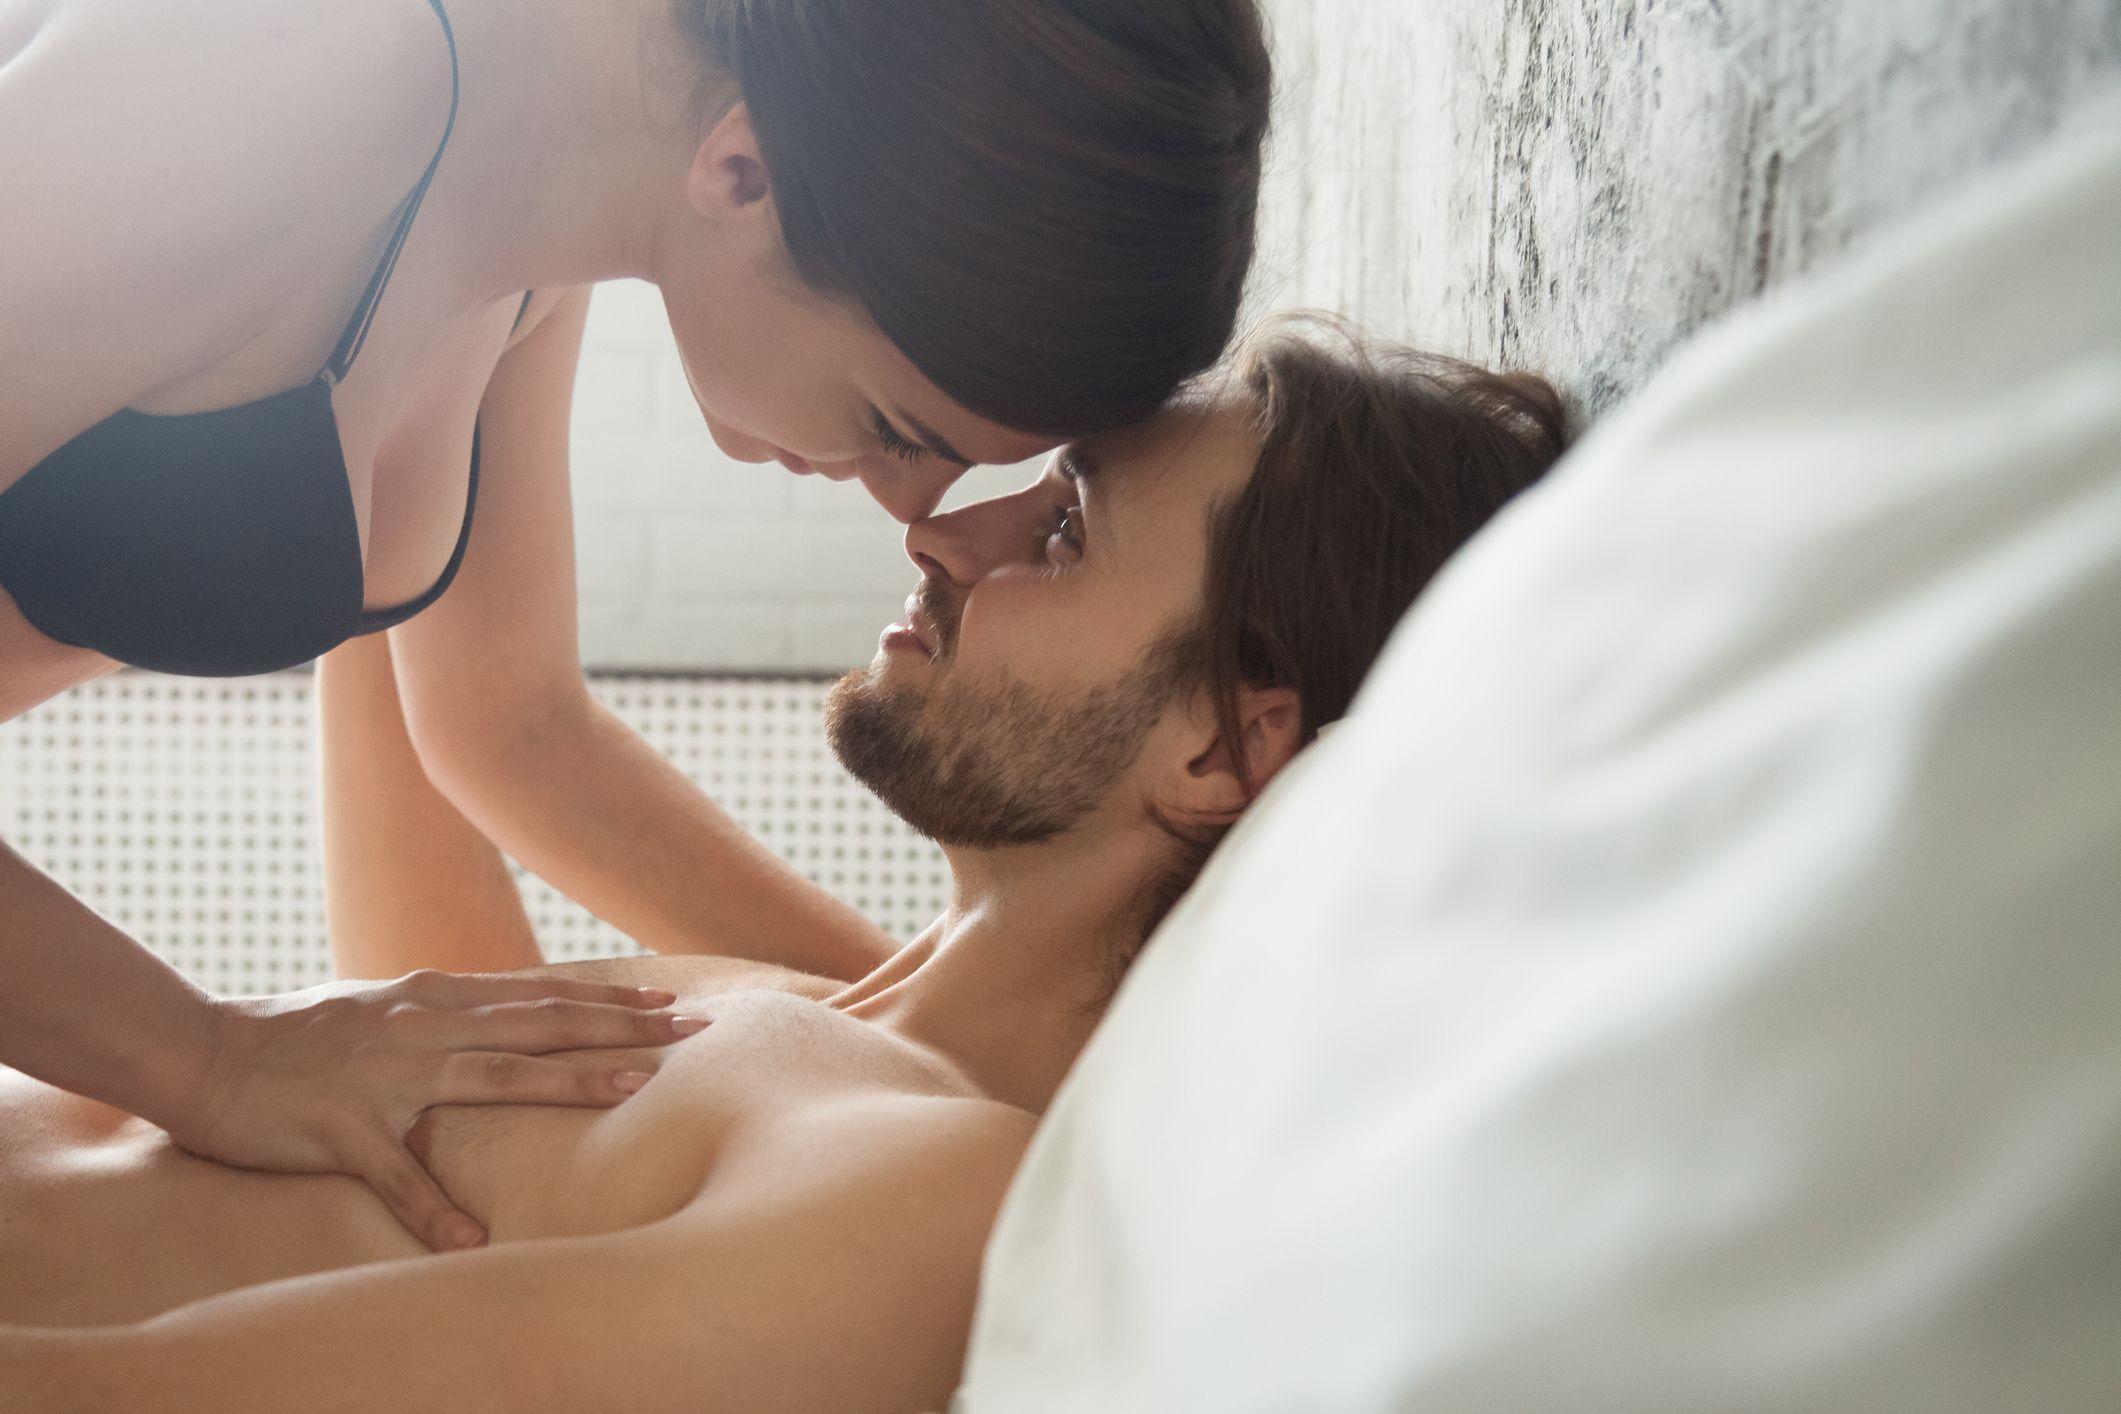 Αθλητισμός Σεξουαλική Υγεία: Τρεις ασκήσεις που μπορούν να ενισχύσουν την σεξουαλική σας ζωή [vid]